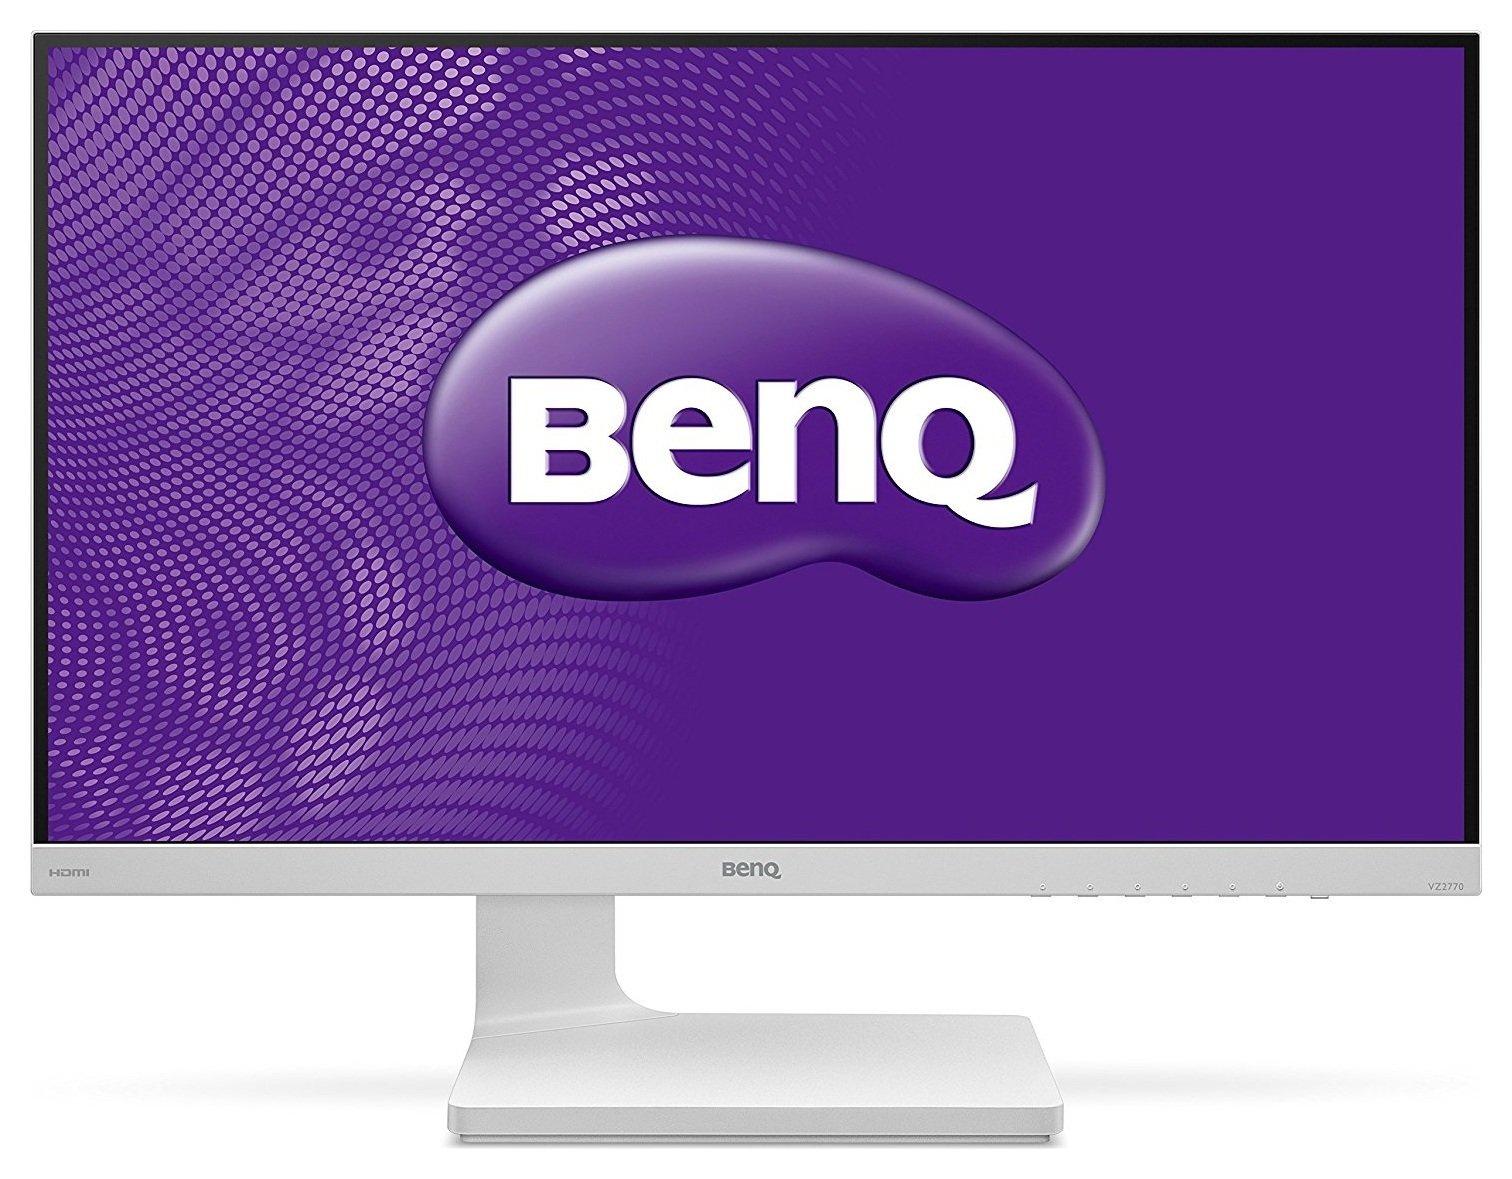 benq vz2770h led 27 inch monitor review. Black Bedroom Furniture Sets. Home Design Ideas